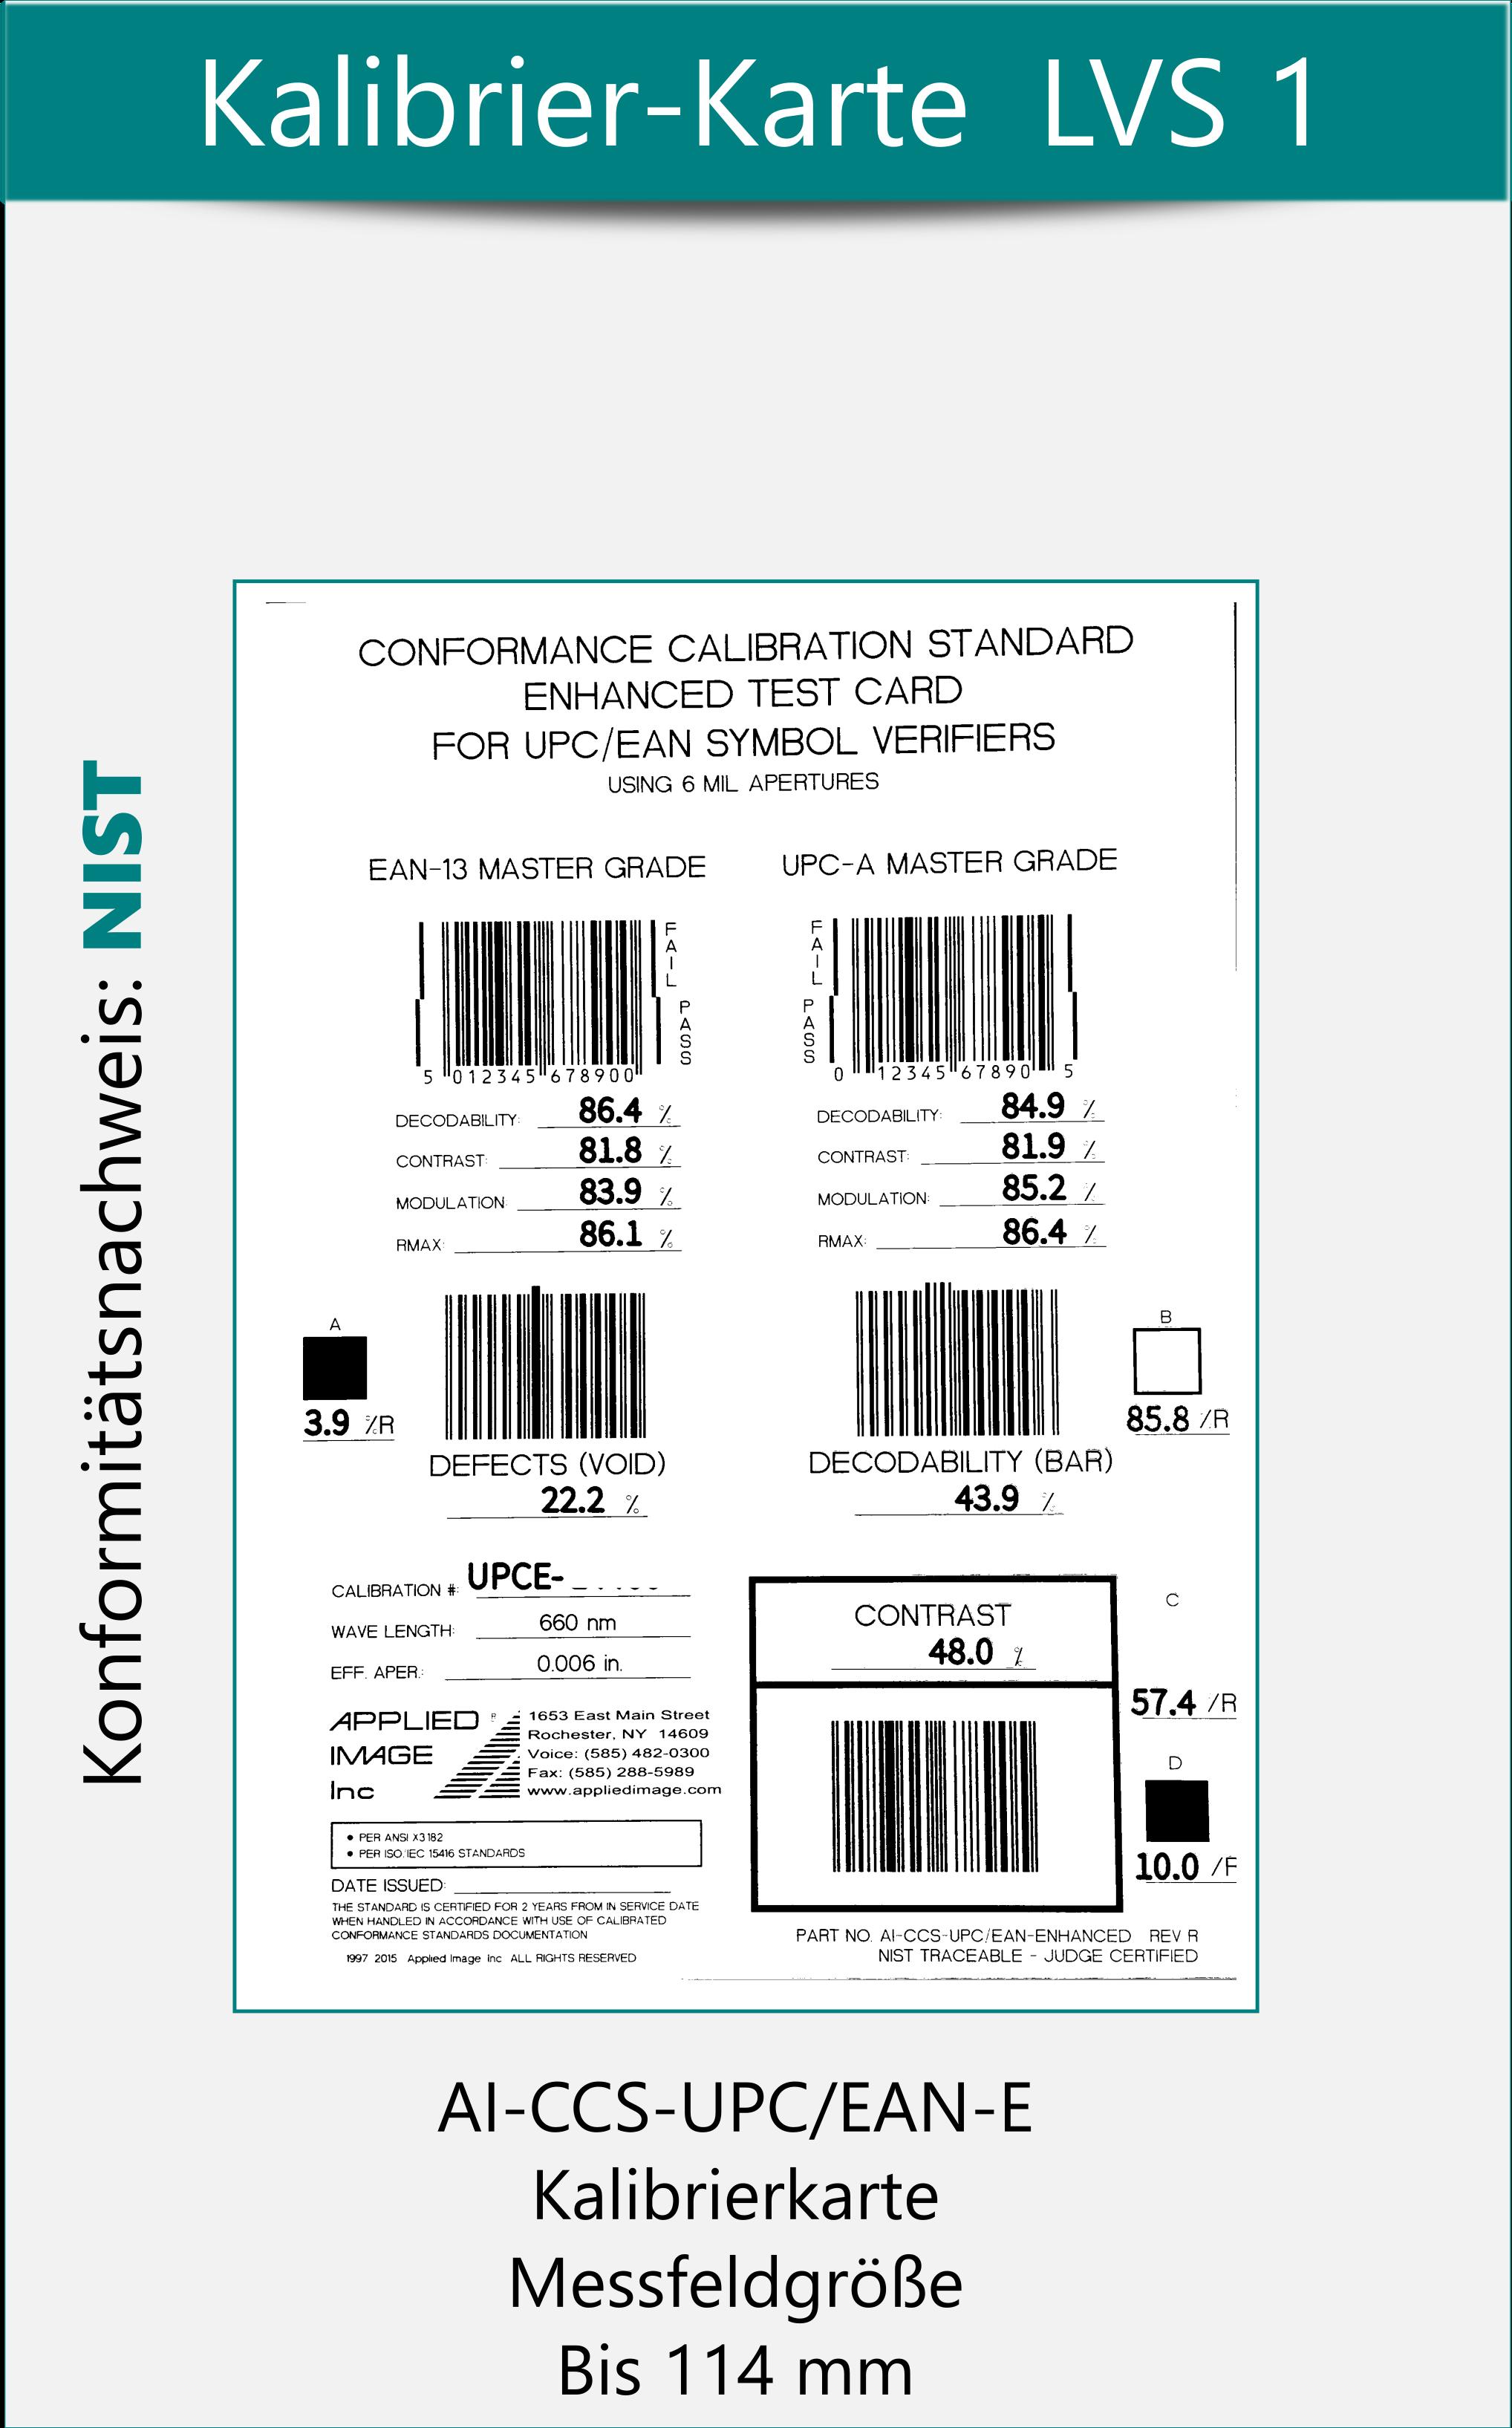 Kalibrierkarte LVS 1 zur Codeprüfung